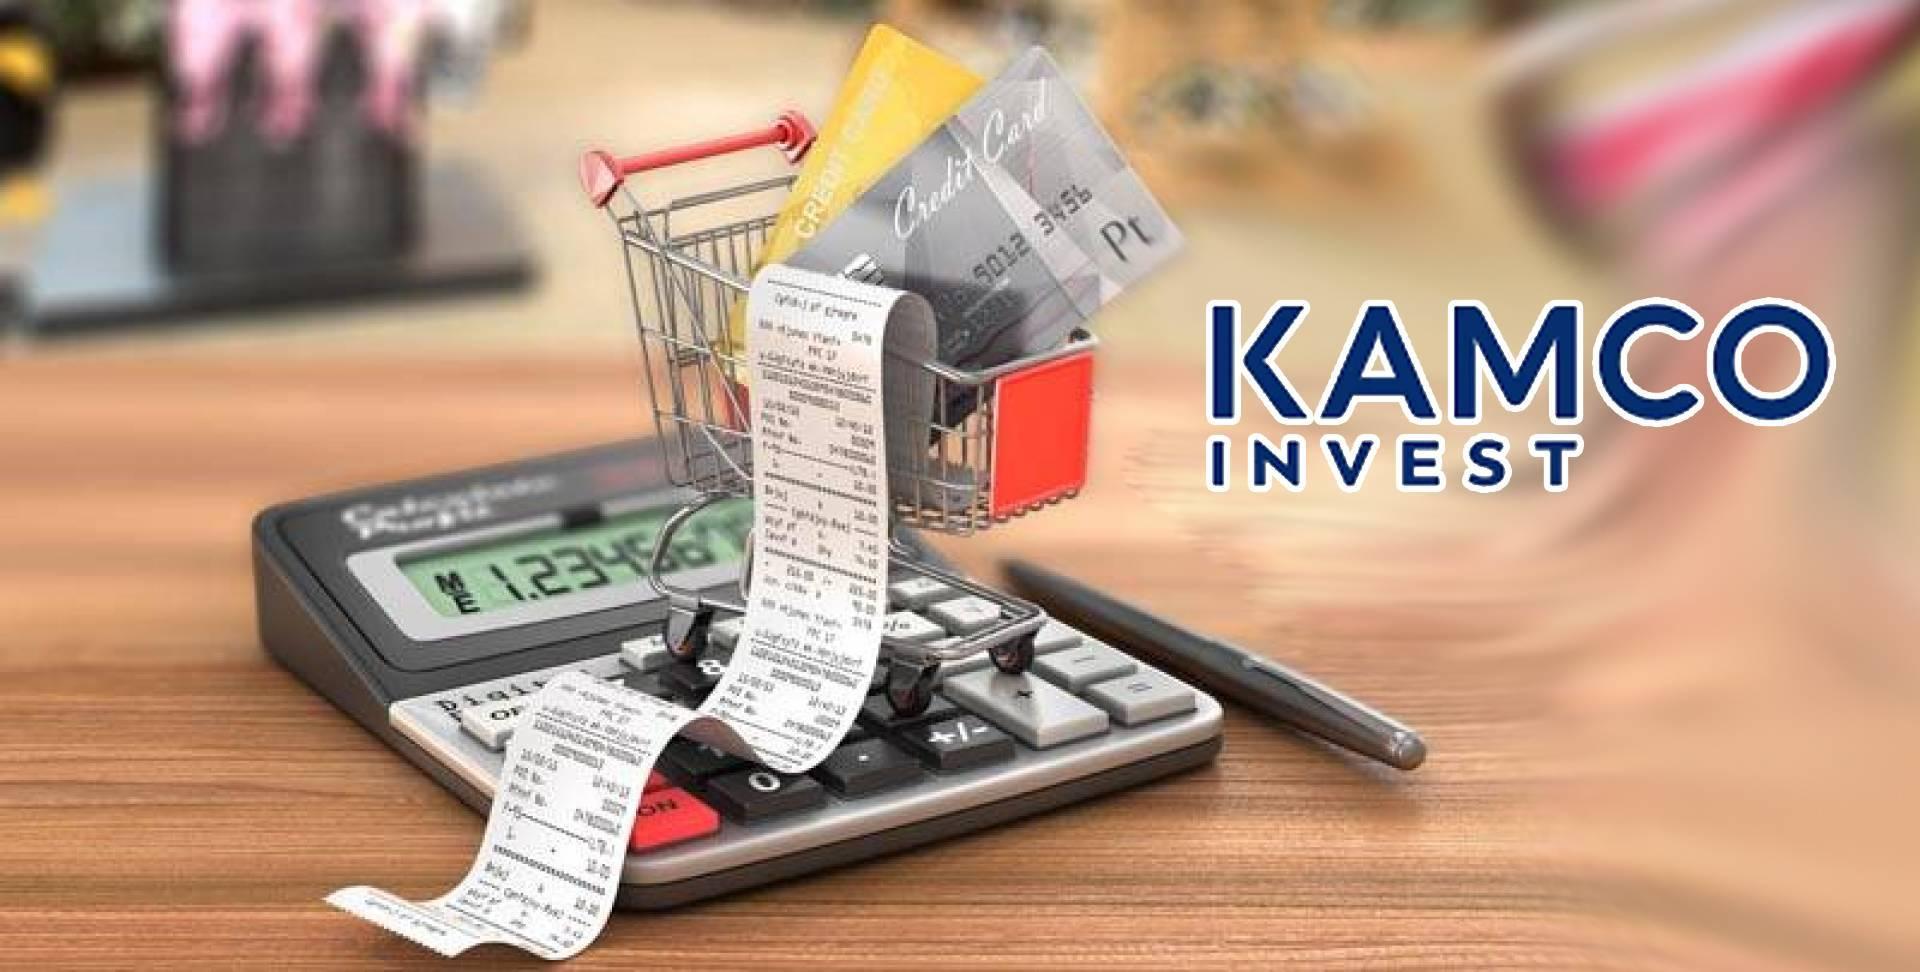 «كامكو إنفست»: ارتفاع الإنفاق يكبح تراجع الاقتصاد